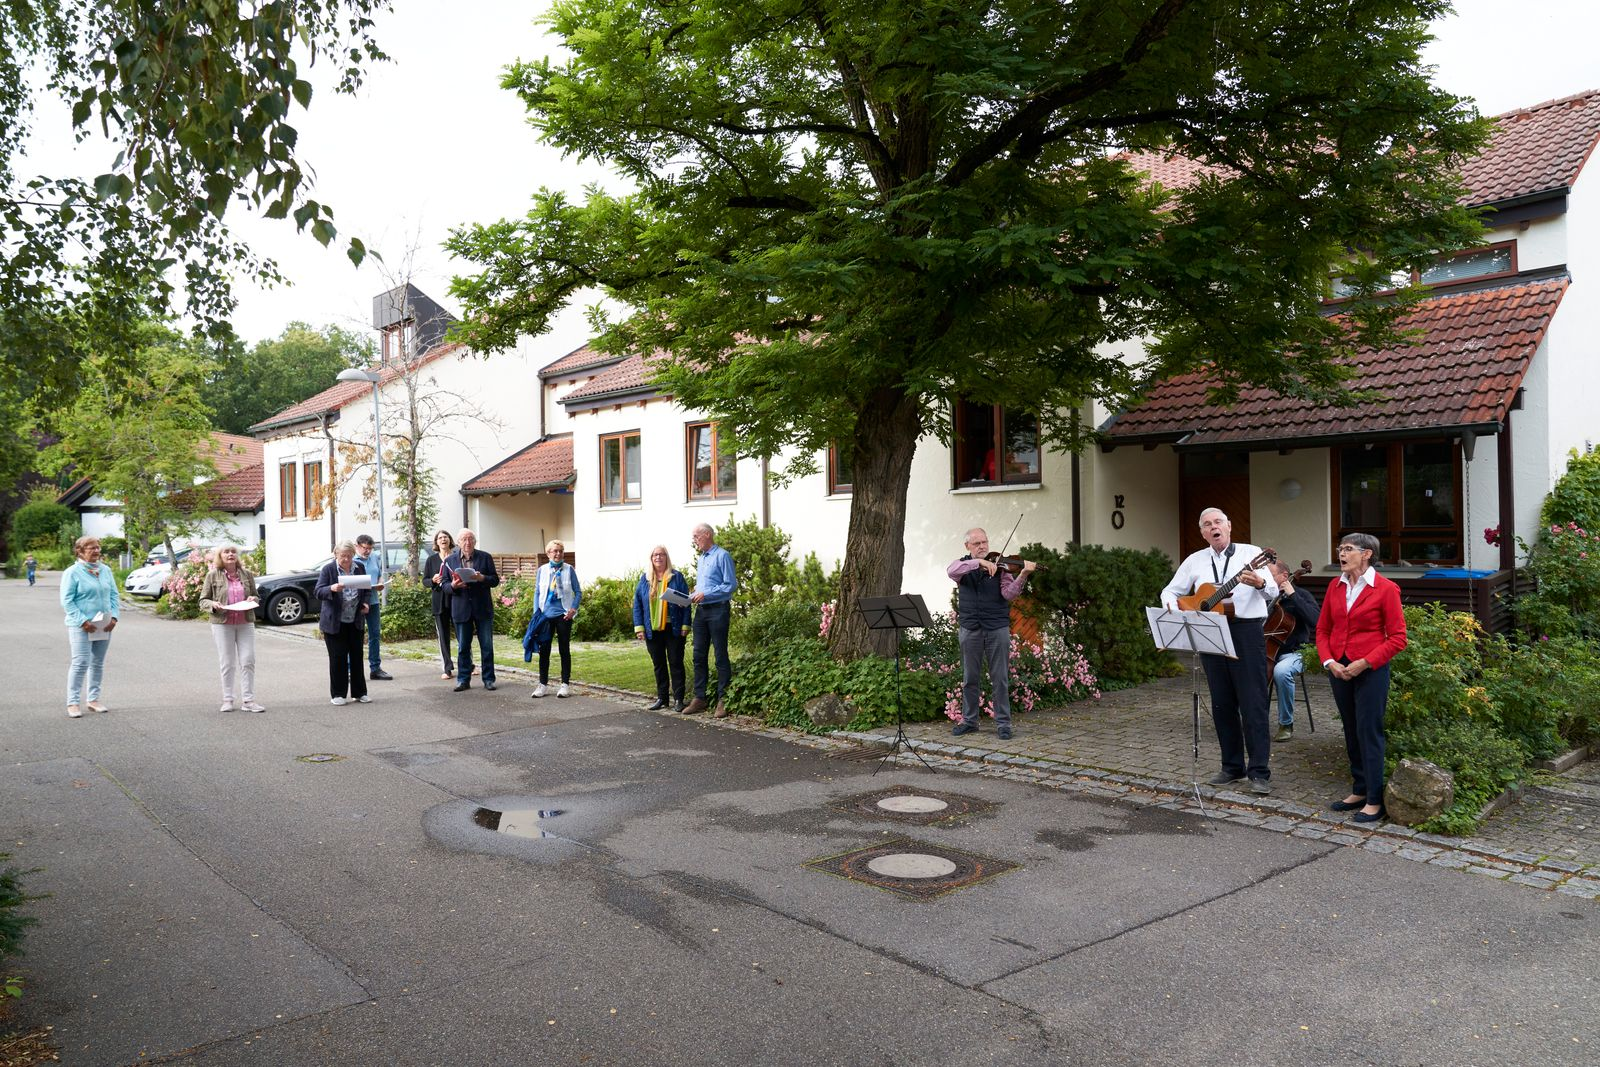 Im Jasminweg in Tuebingen,trafen sich die Nachbarn, waehrend der Coronazeit, zum taeglichen gemeinsamen Musizieren.